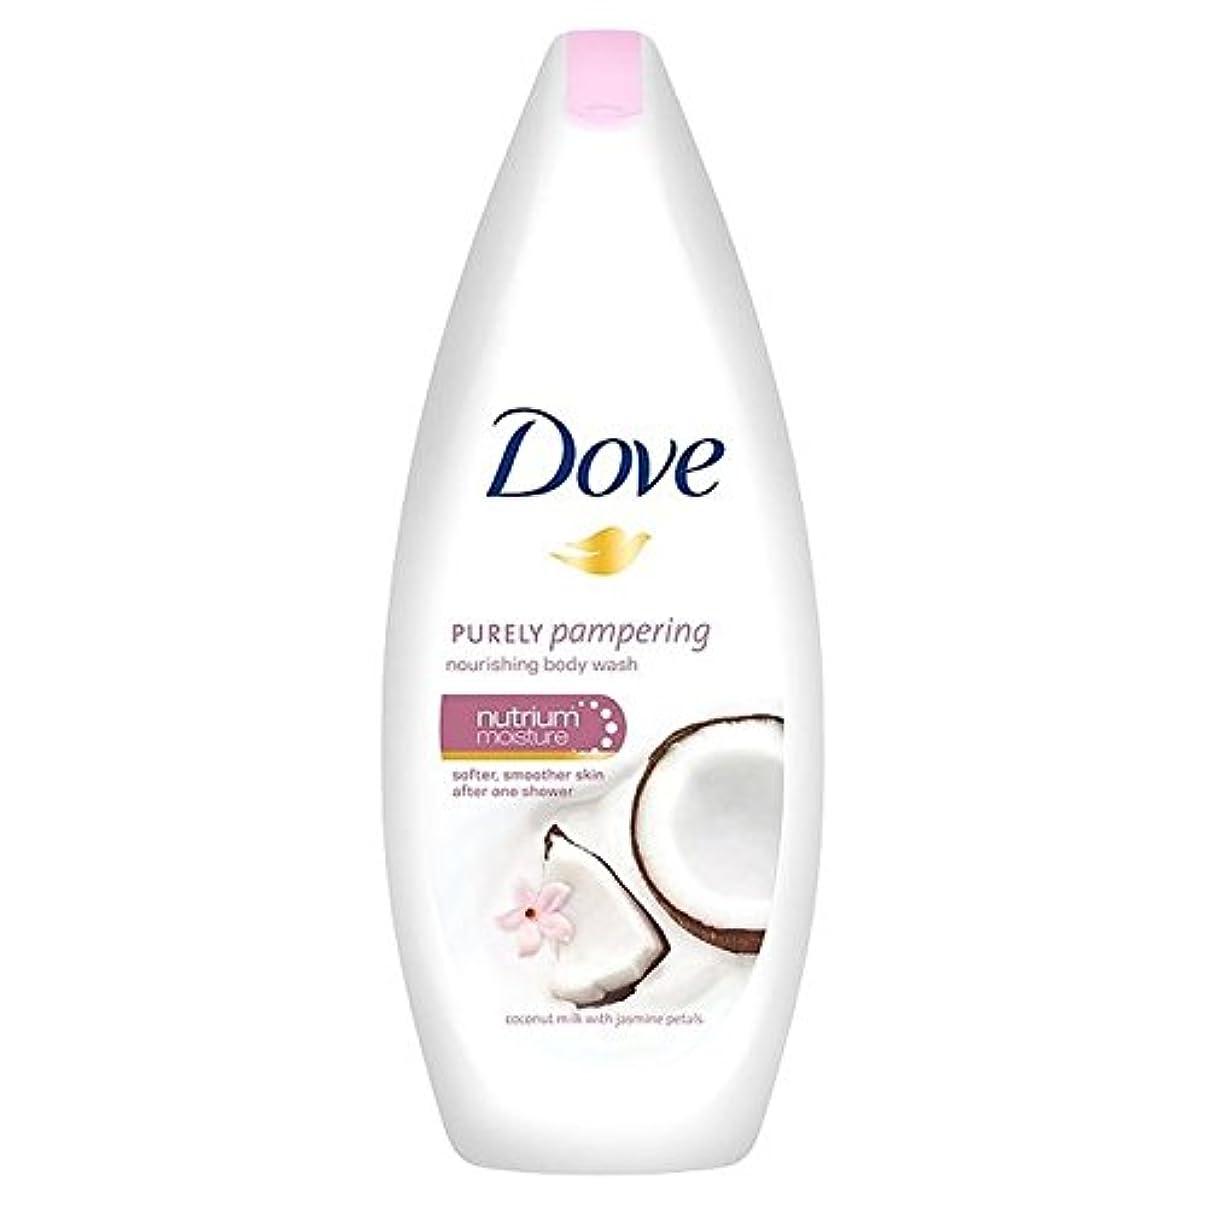 キラウエア山カラス検査鳩純粋に甘やかすココナッツボディウォッシュ250ミリリットル x4 - Dove Purely Pampering Coconut Body Wash 250ml (Pack of 4) [並行輸入品]